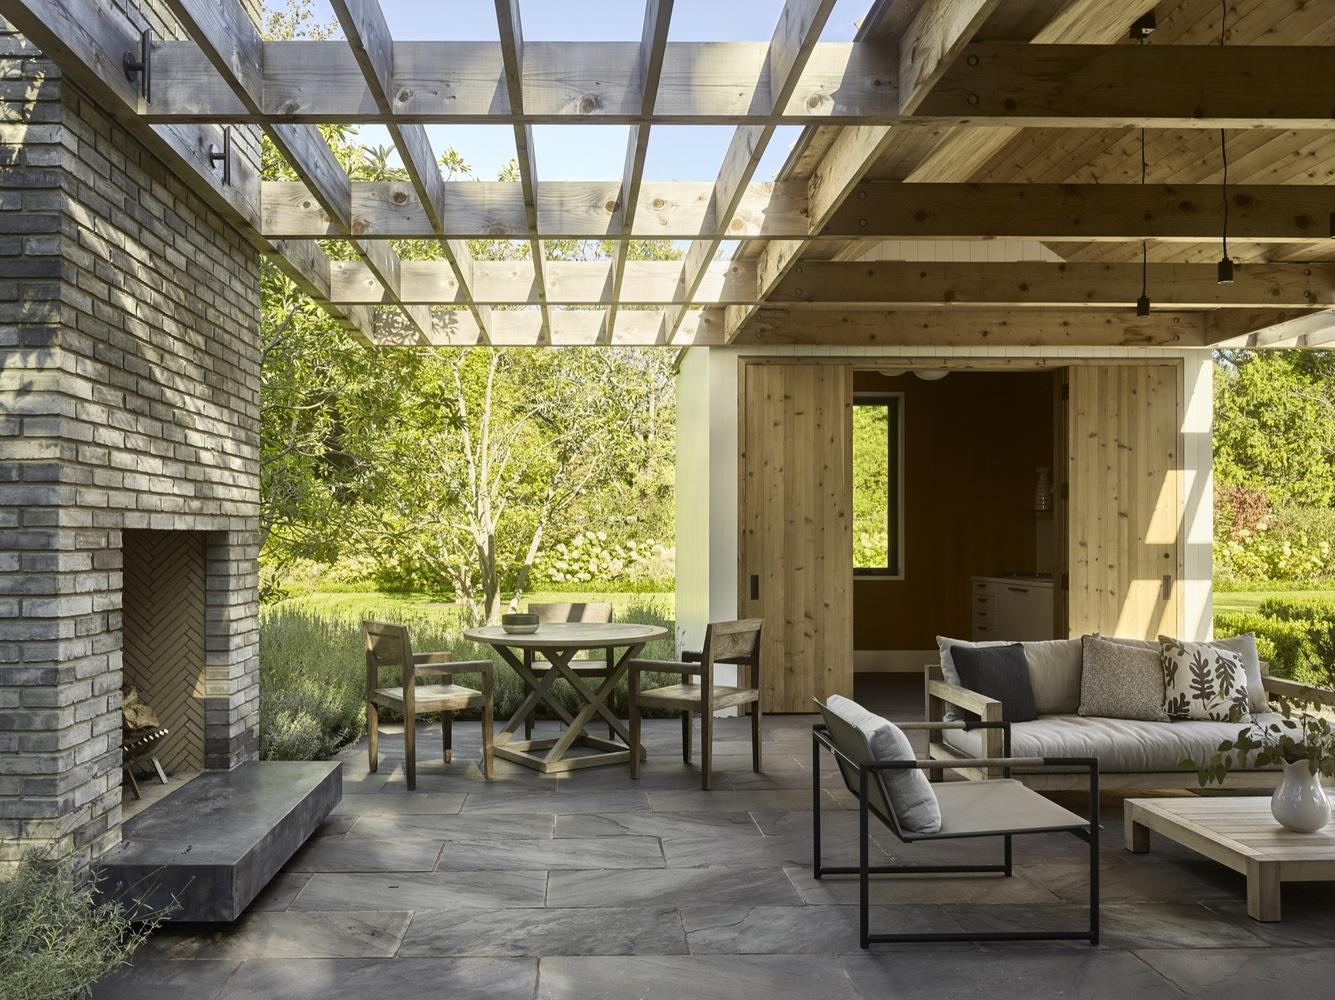 22 ideas para convertir una terraza sucia y vac a en un for Piscina en jardin de 100 metros